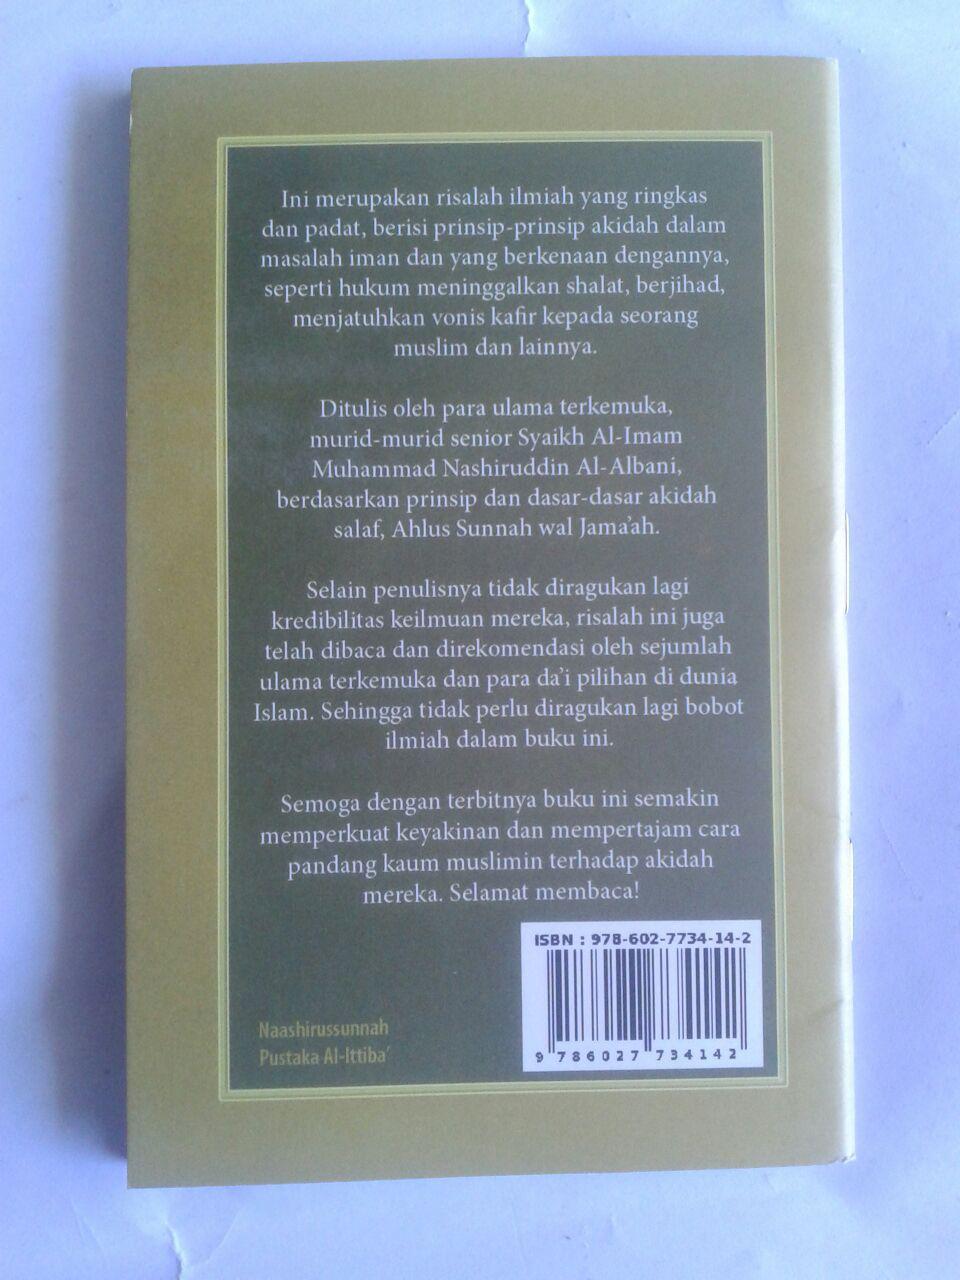 Buku Saku Konsep Iman Menurut Ahlus Sunnah Wal Jama'ah cover 2